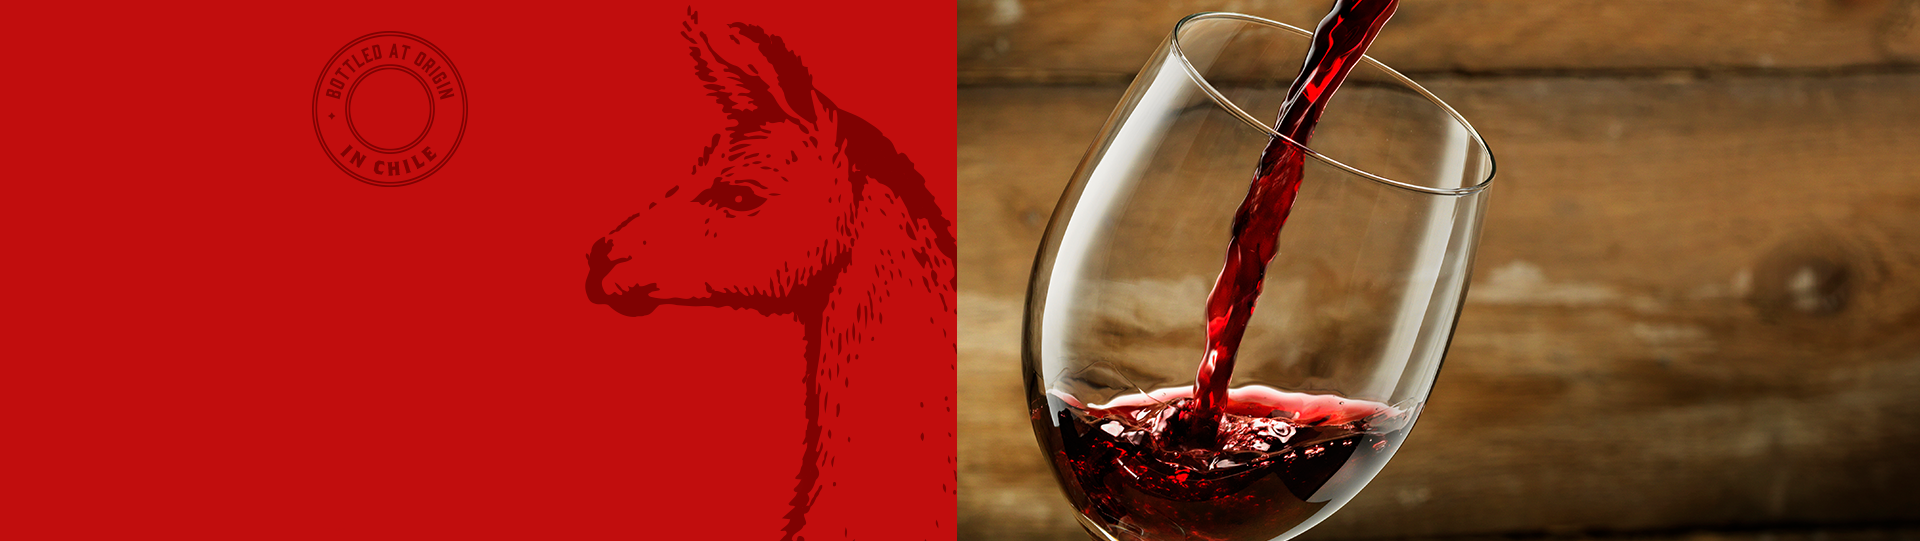 Tussock Jumper Wines Chlile - Carmenere